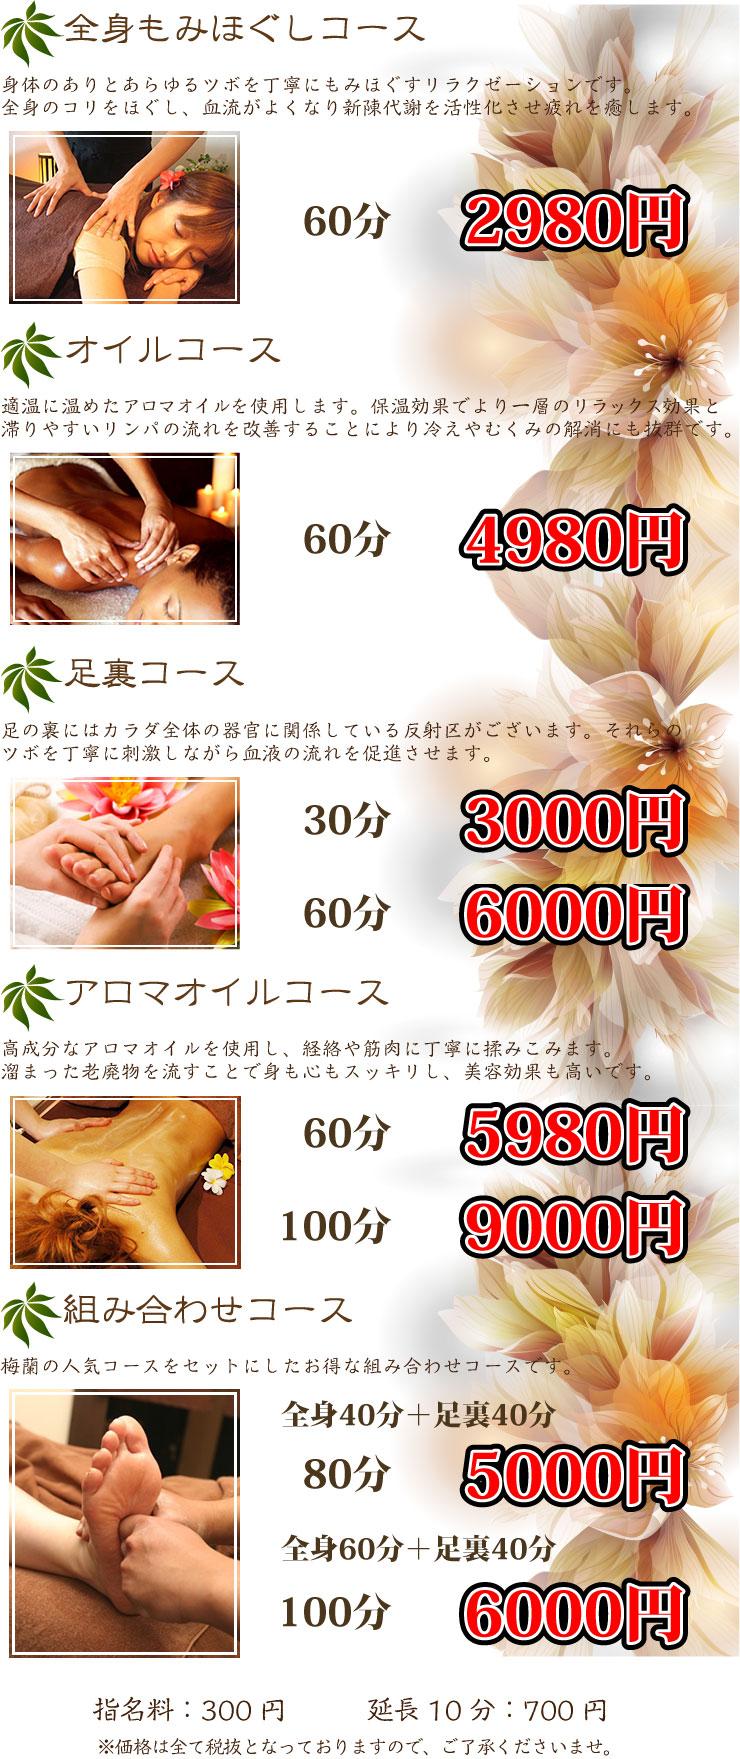 【癒し空間】梅蘭料金表